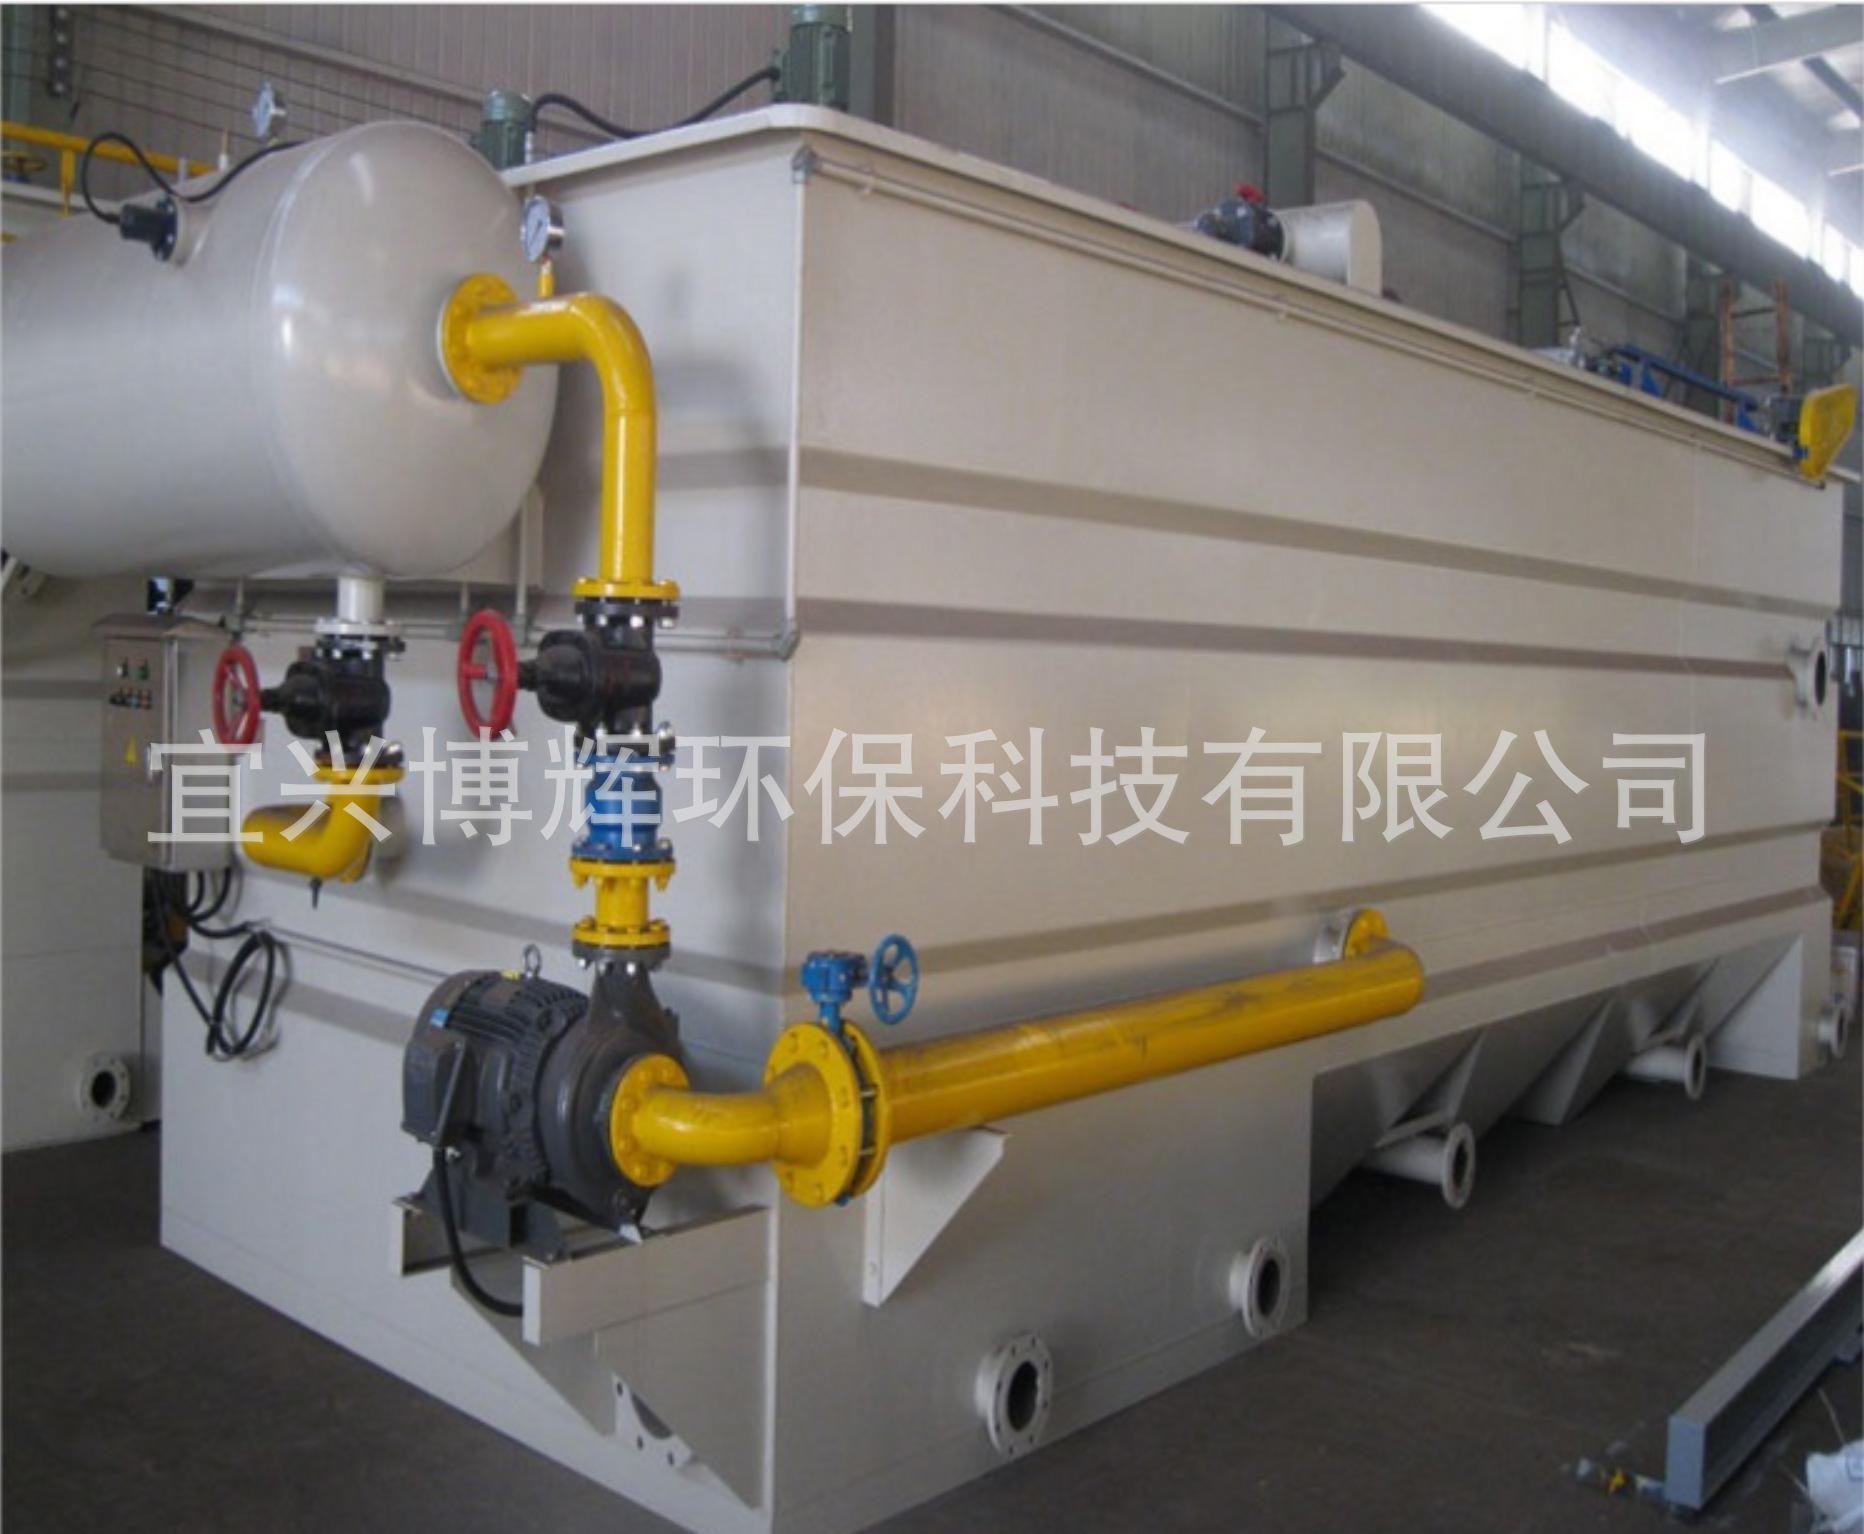 工业污水处理溶气气浮机 溶气气浮机 博辉环保